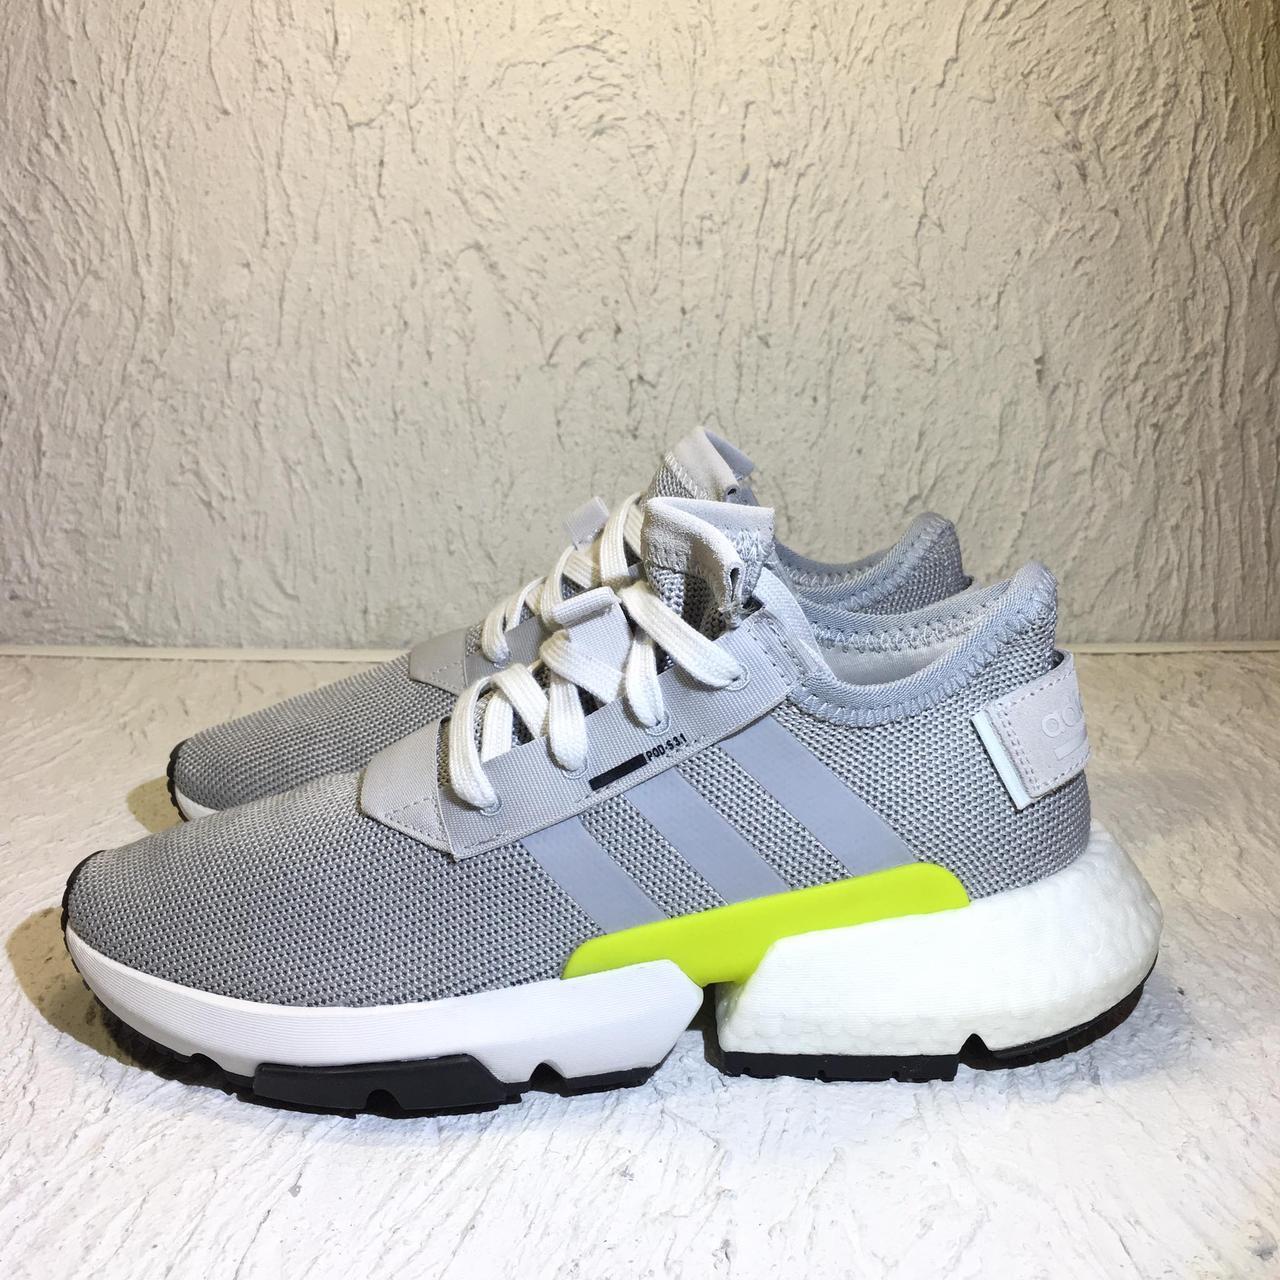 Кроссовки Adidas POD-S3.1 B37363 43.5 40.5 41.5 42.5 44 44.5 45.5 раз